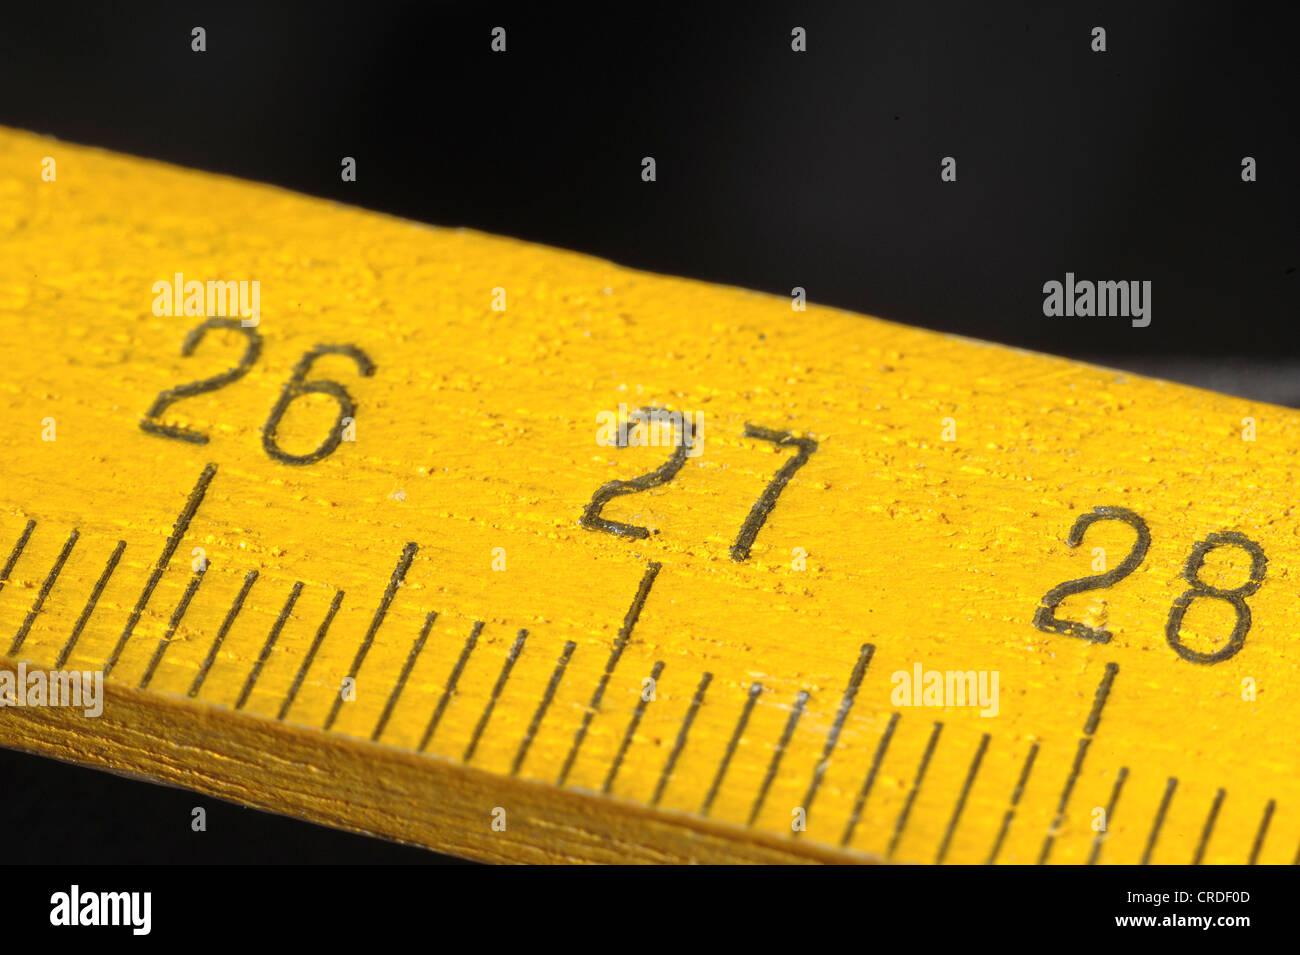 Metric ruler - Stock Image